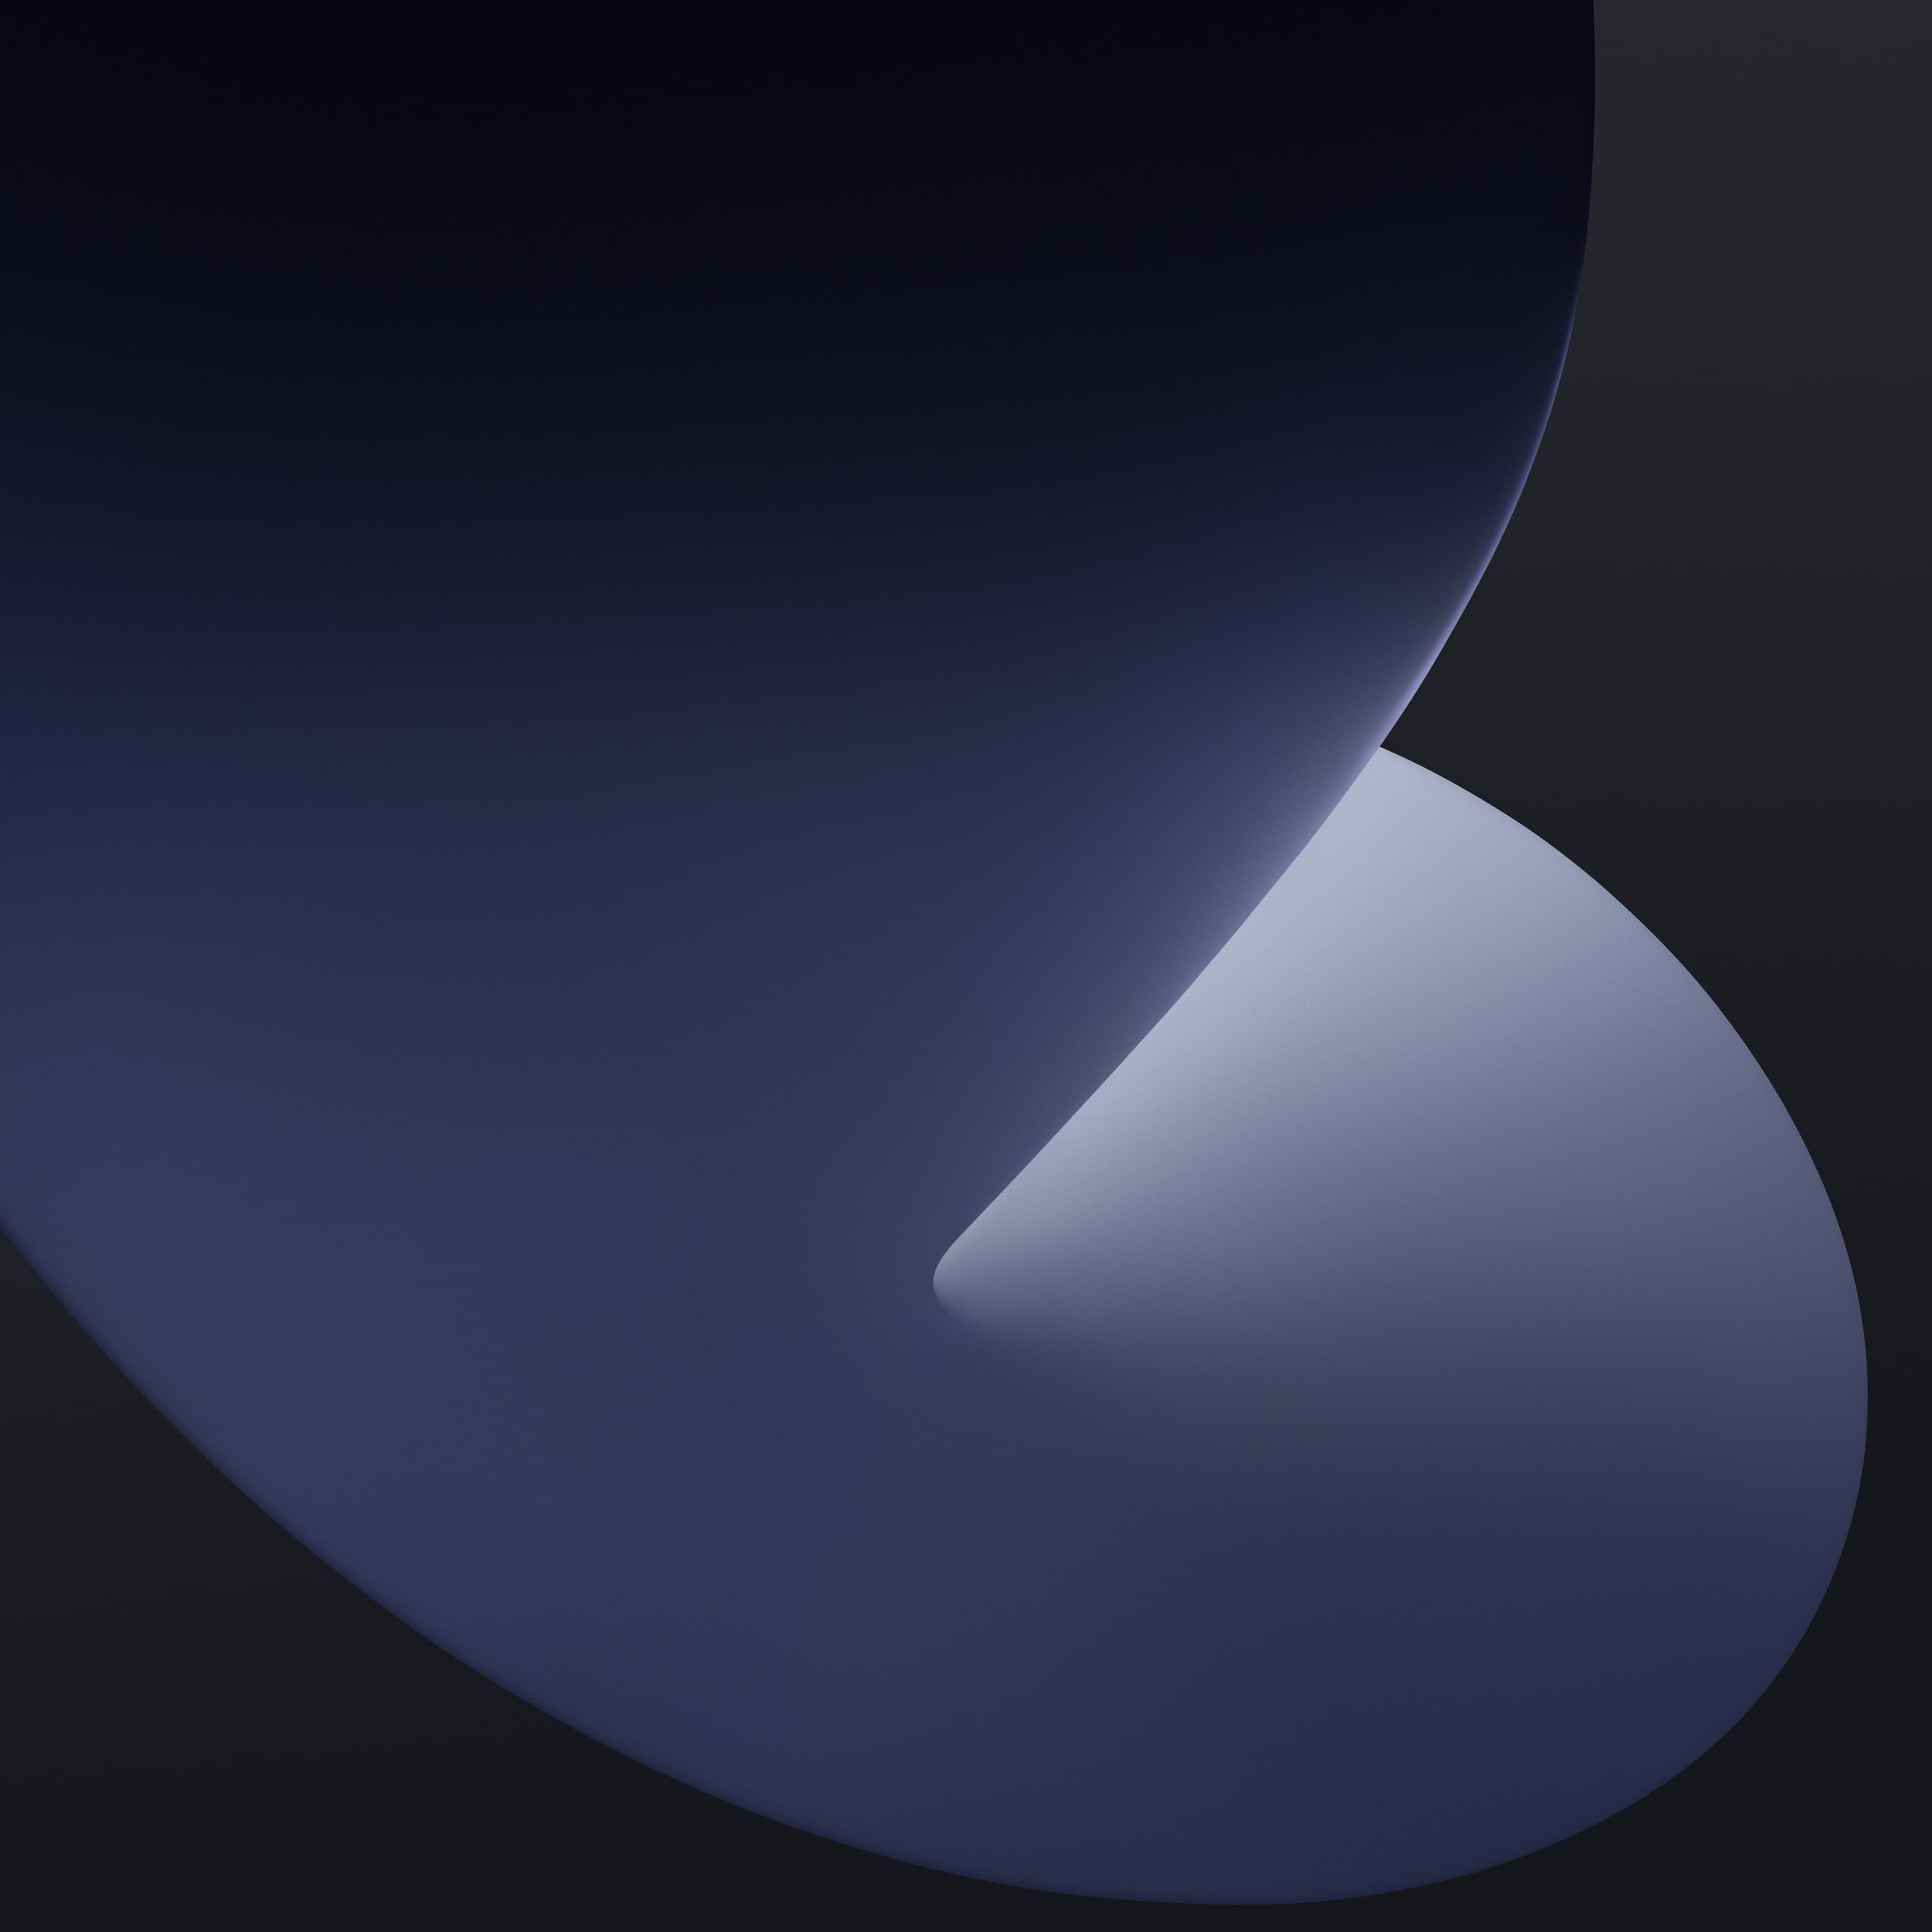 خلفيات Ipad الجيل الثامن الاصلية Dark Wallpaper Iphone Ios Wallpapers Iphone Background Wallpaper